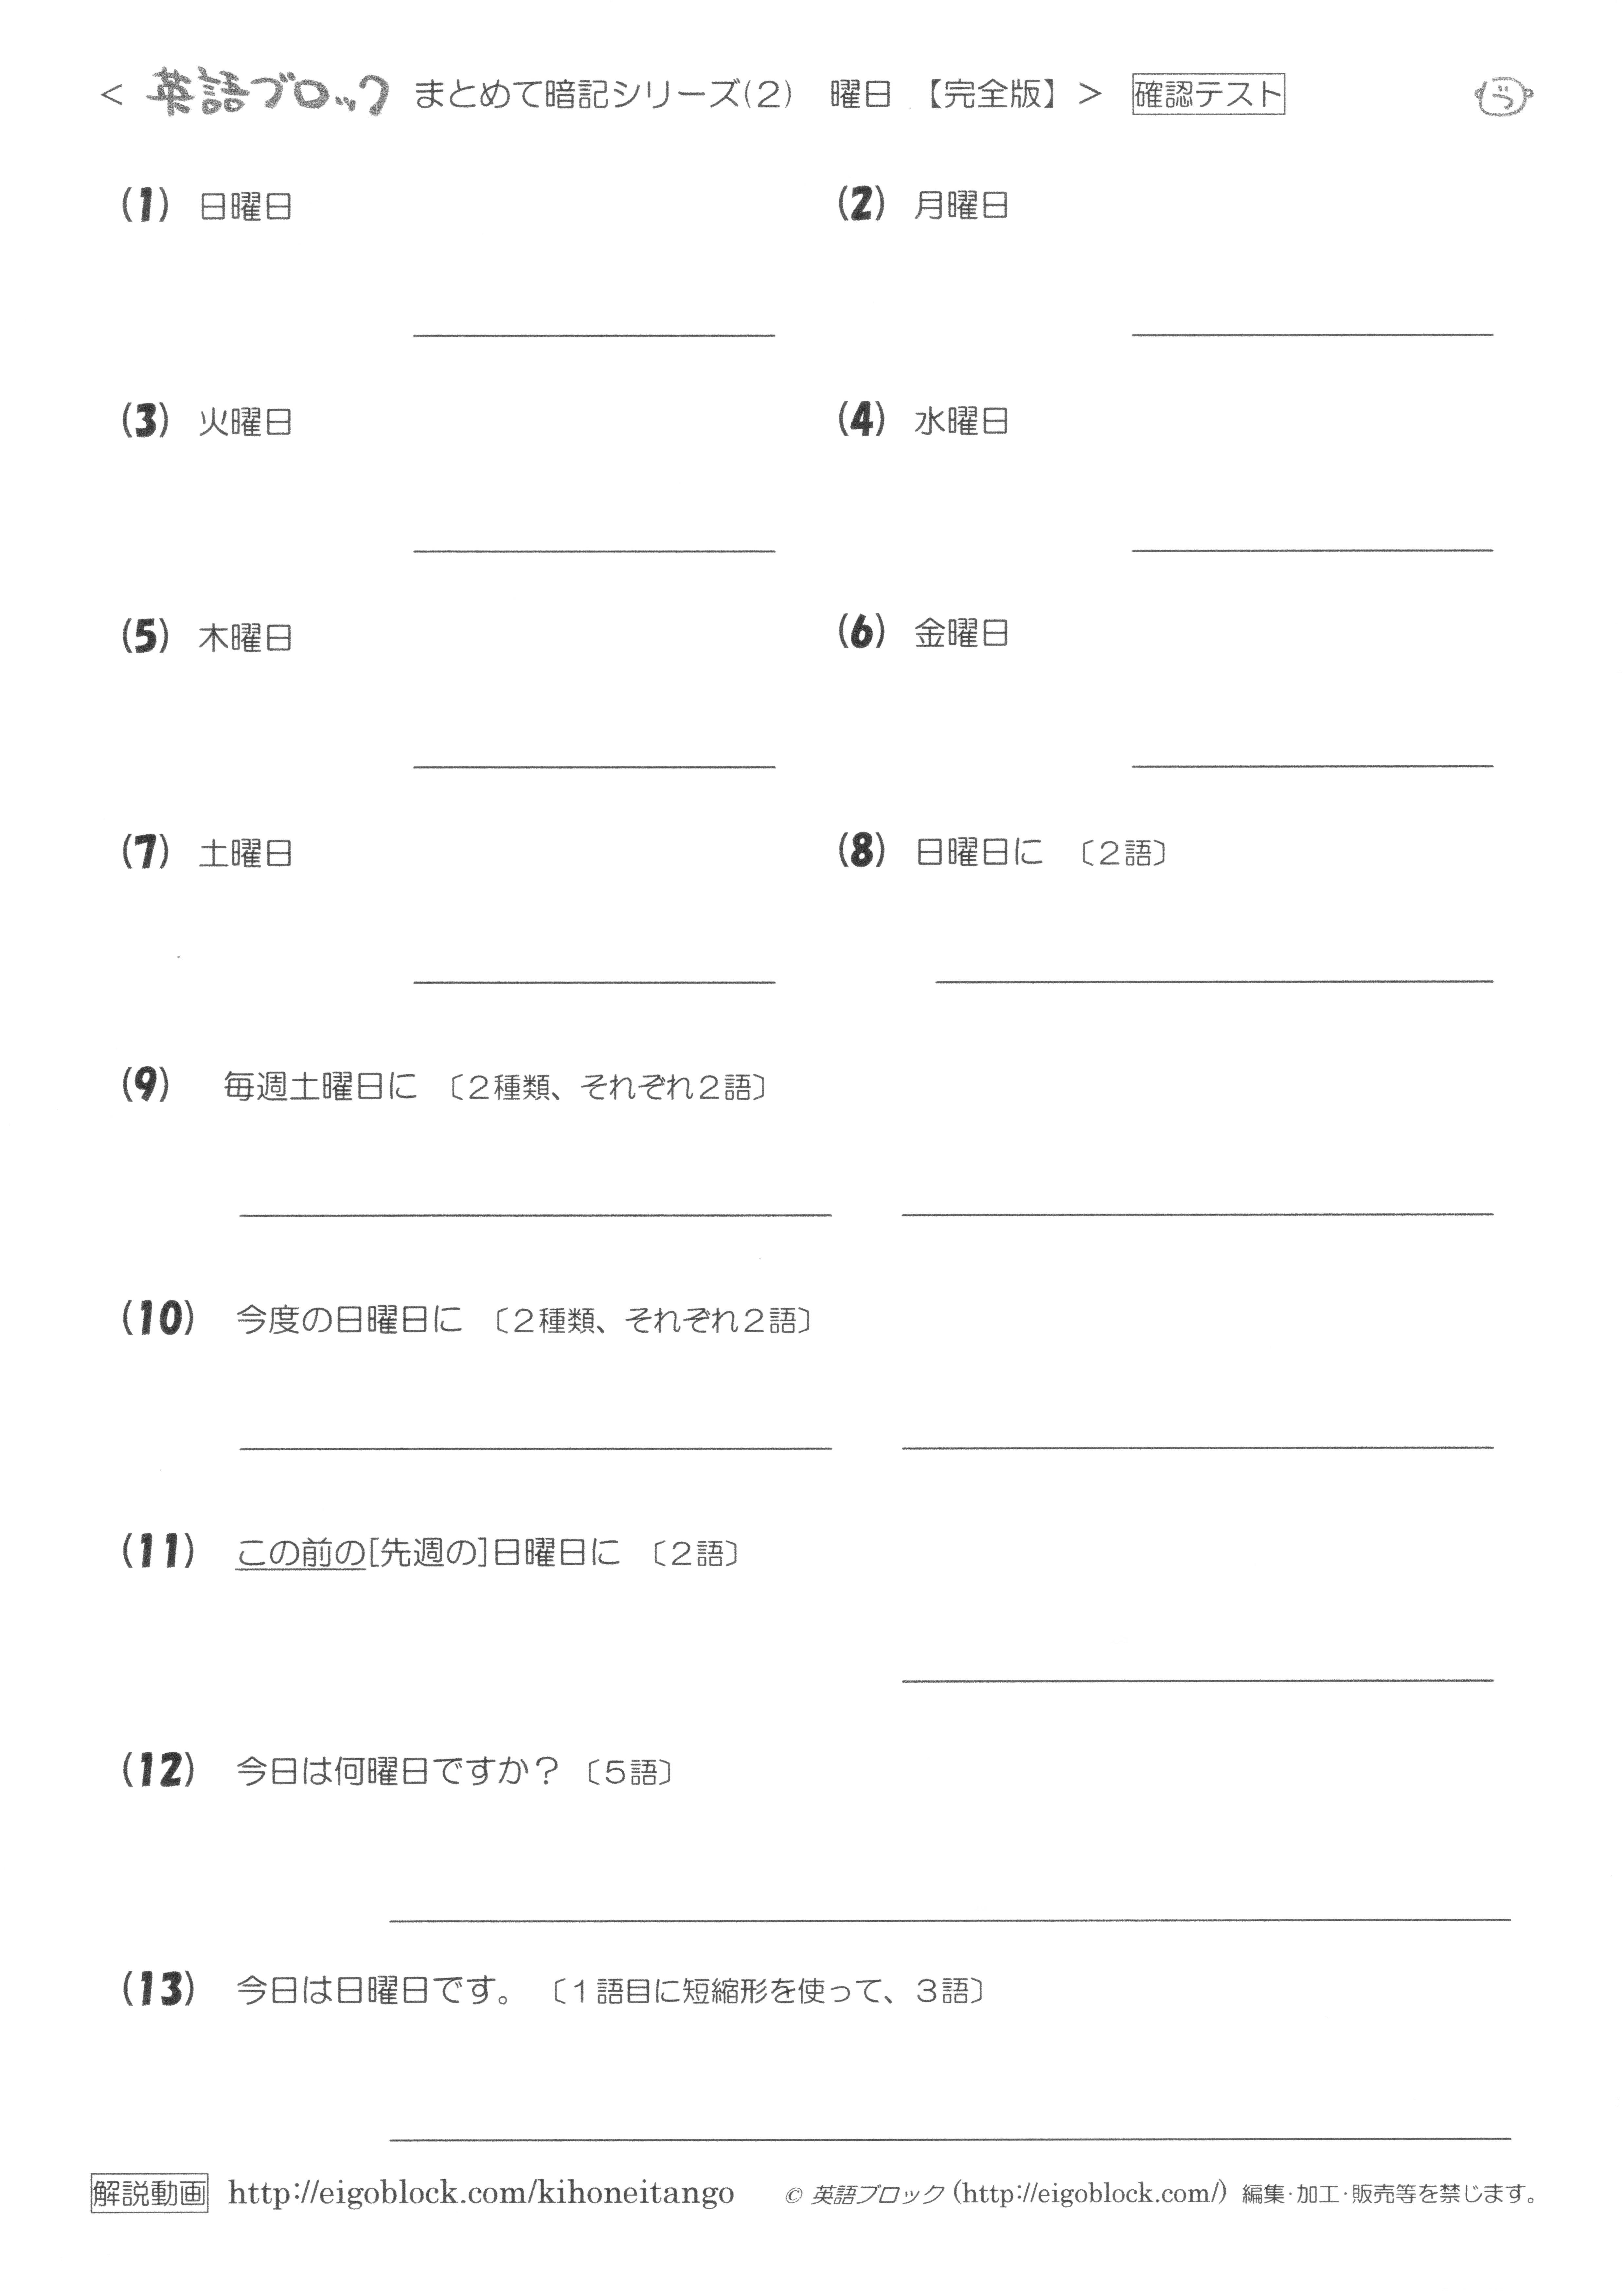 英検2級 練習問題 ダウンロード pdf